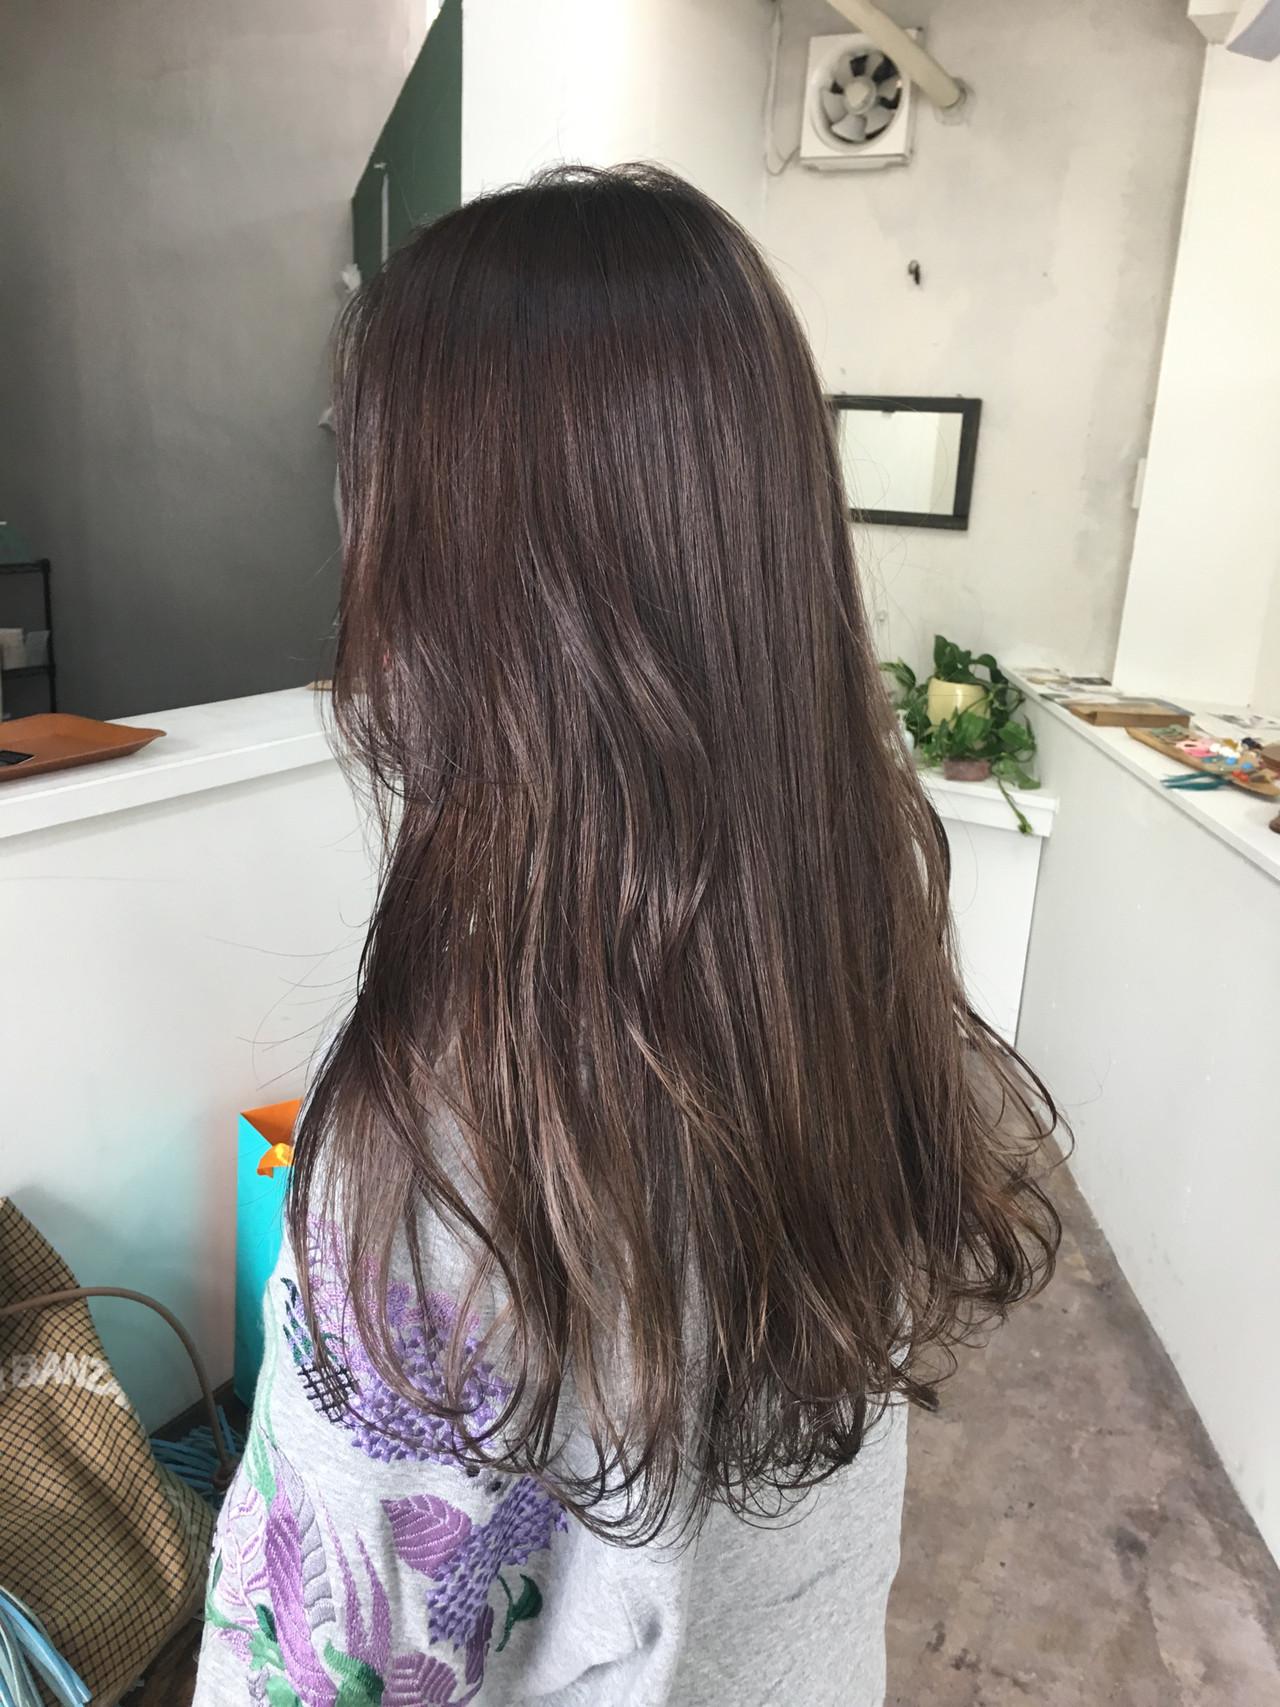 ベージュ アッシュ ハイライト グレーヘアスタイルや髪型の写真・画像